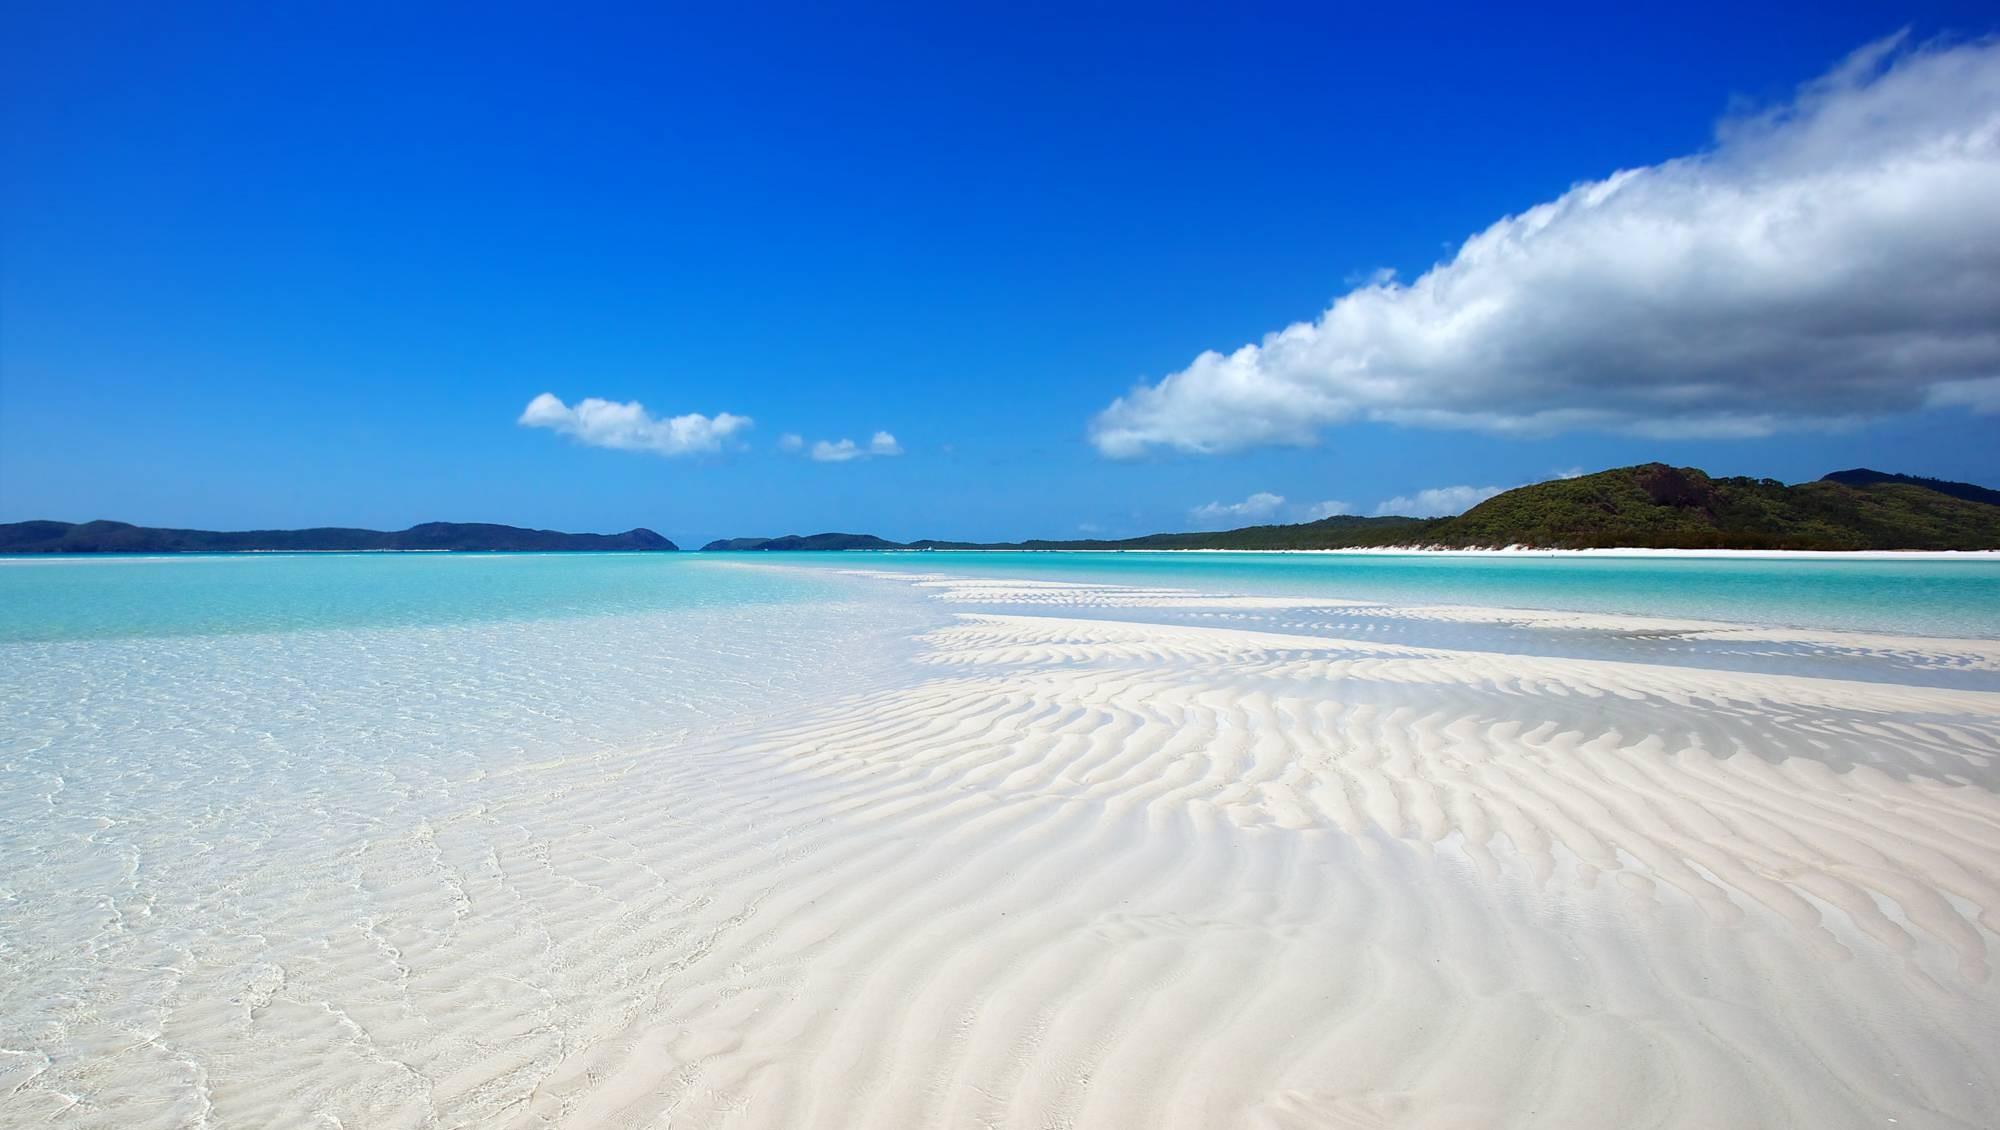 Остров Гамильтон, архипелага Дня Святой Троицы, Австралия